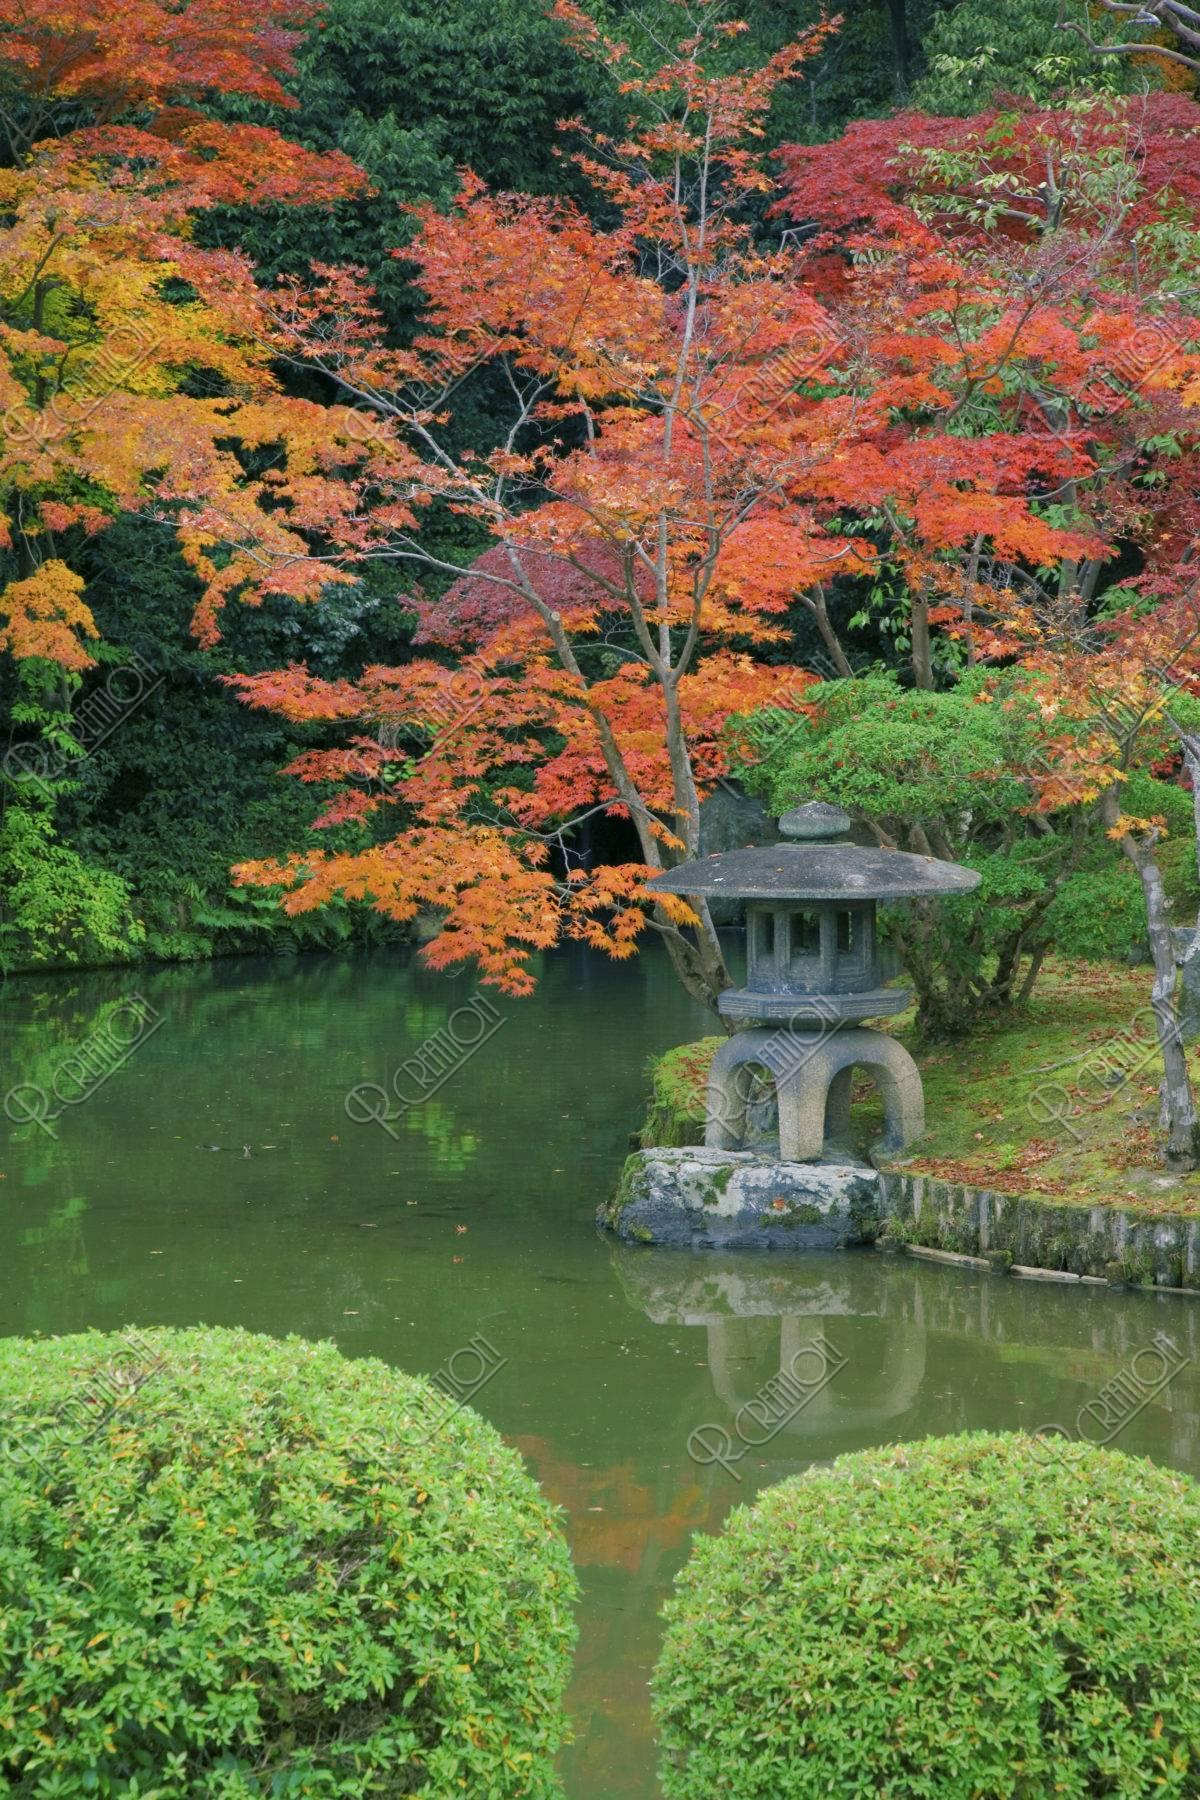 嵯峨釈迦堂の庭 紅葉と灯篭